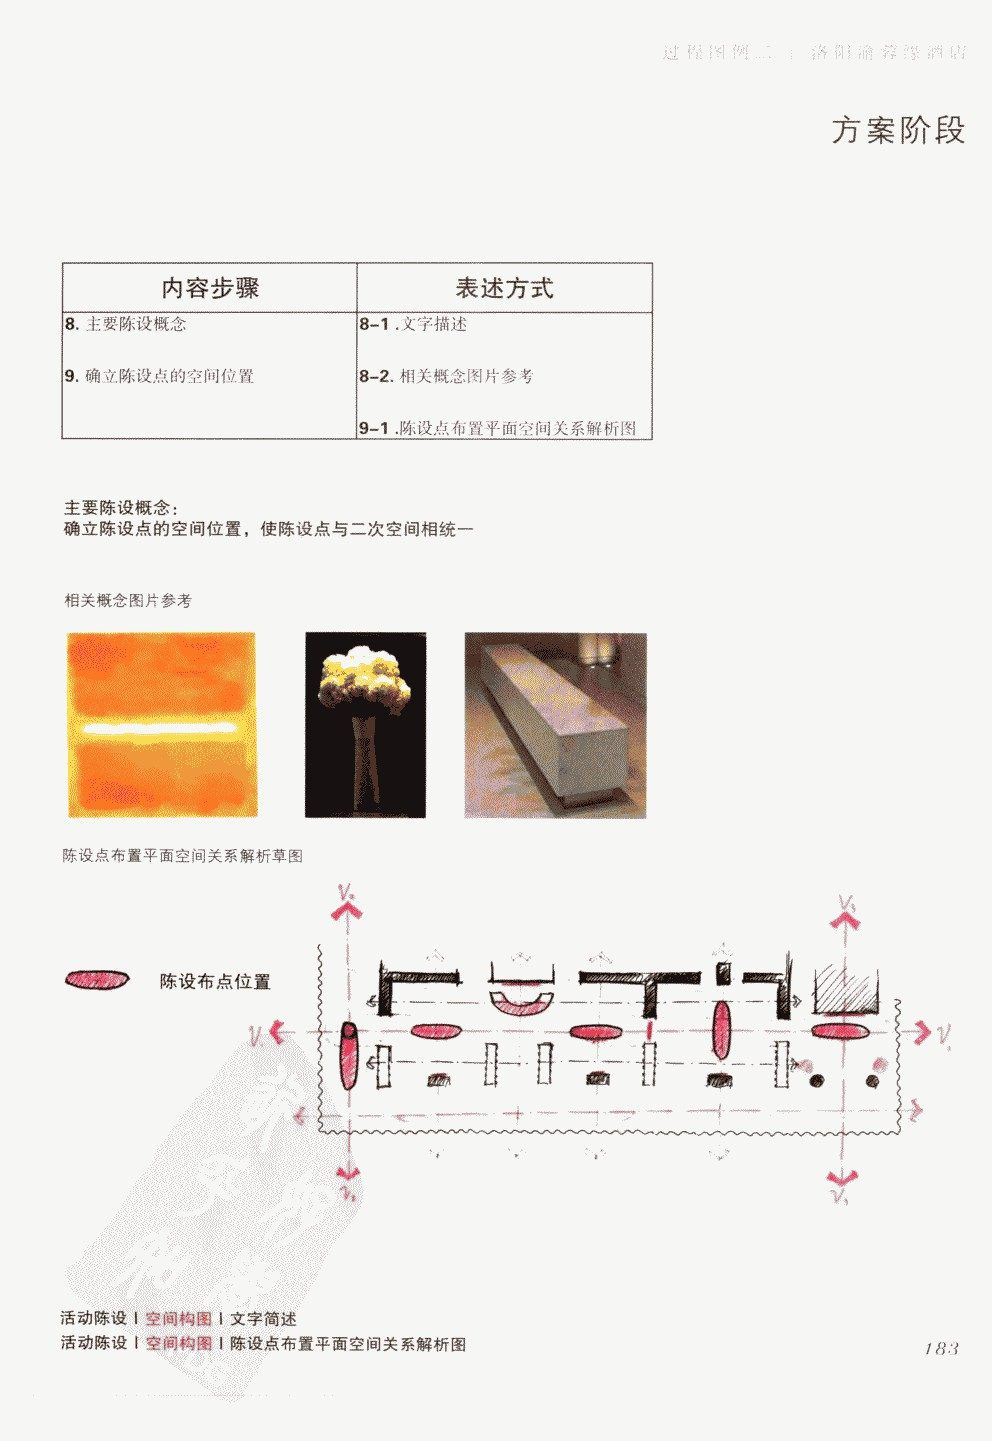 室内设计纲要++概念思考与过程表达_室内设计纲要  概念思考与过程表达_1297982..._页面_191.jpg